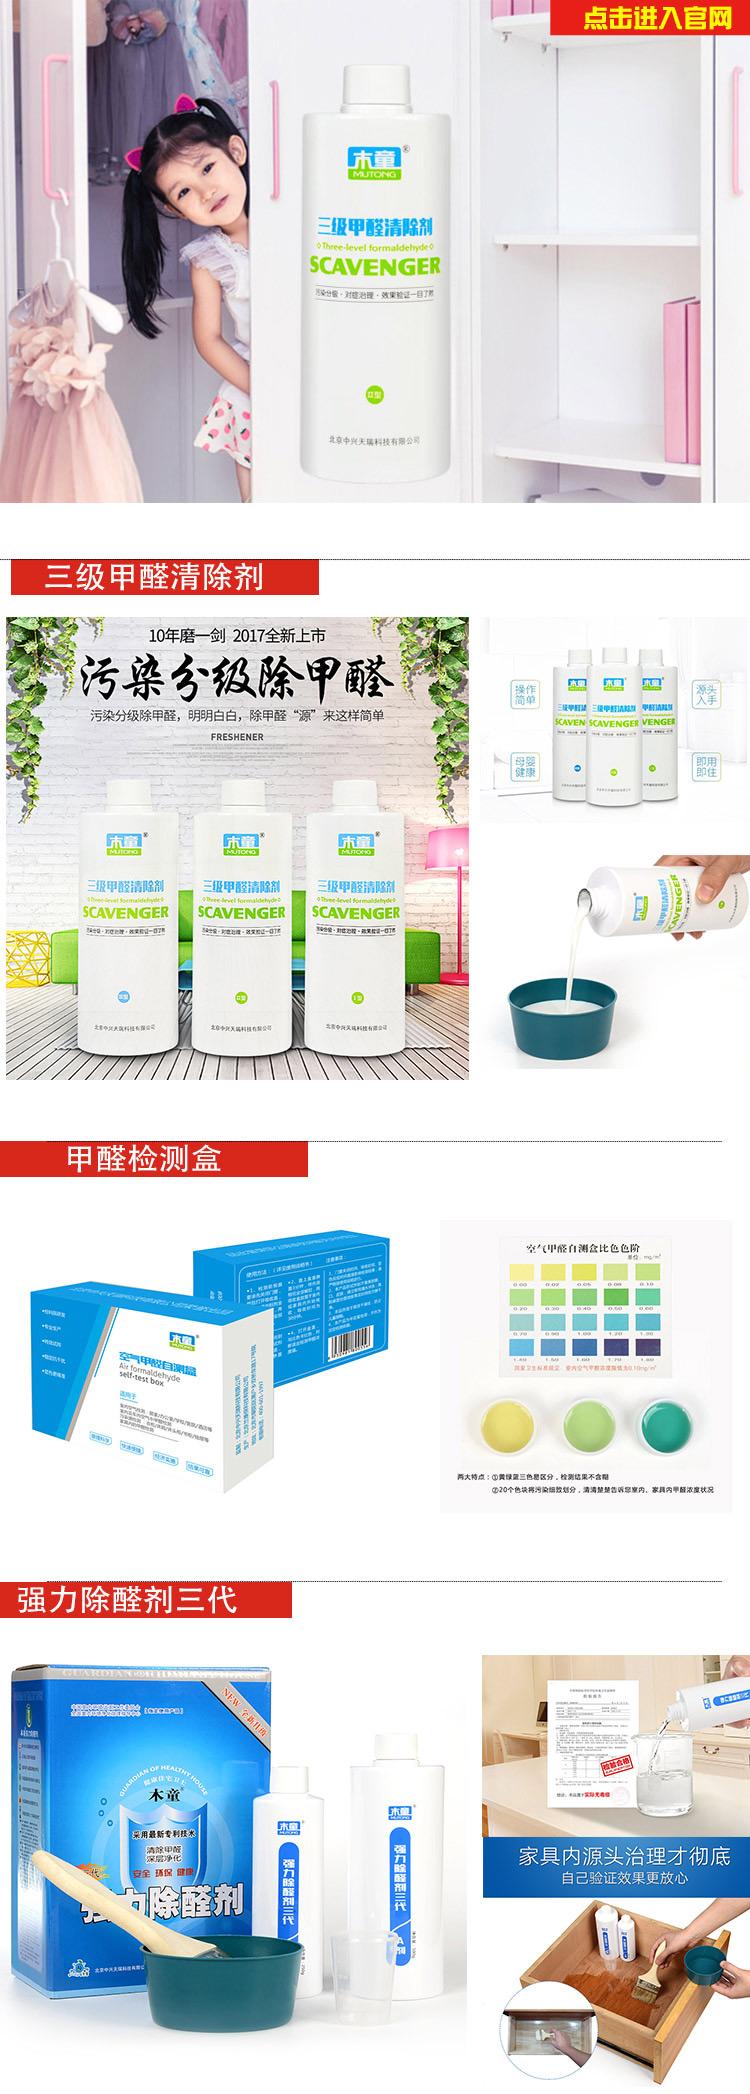 http://www.hjw123.com/meilizhongguo/84727.html